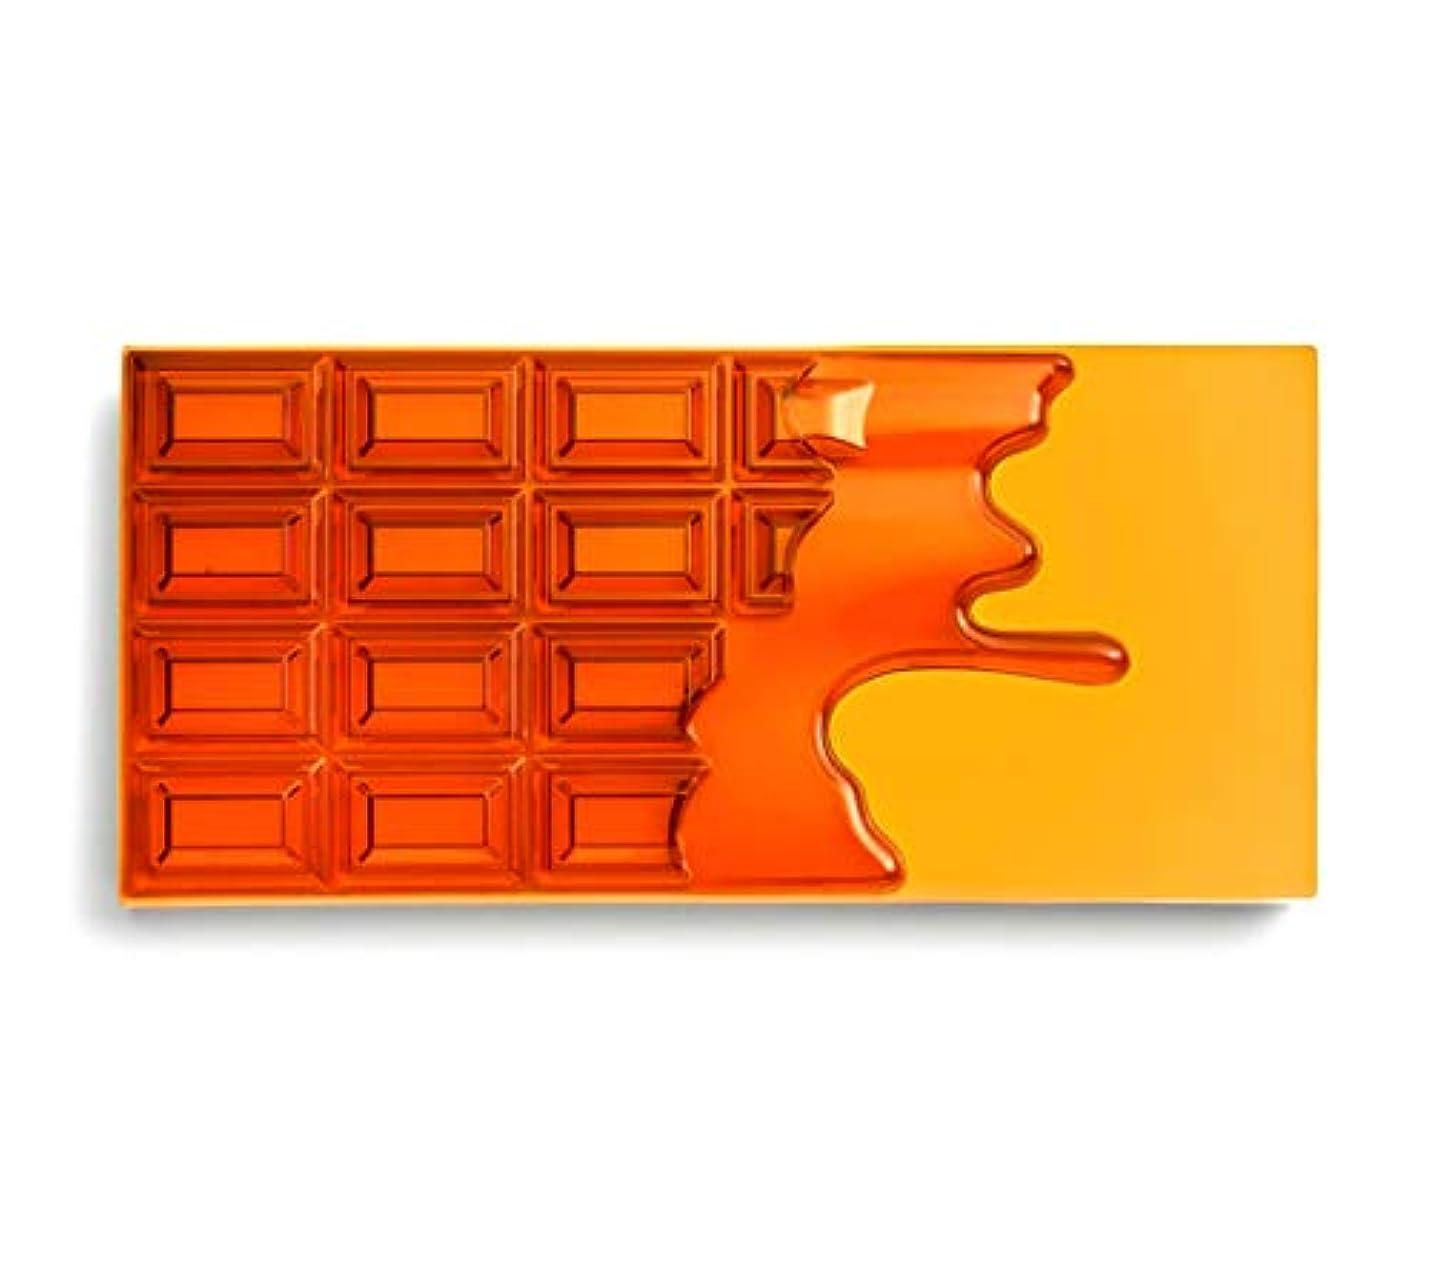 適応里親確認メイクアップレボリューション アイラブメイクアップ チョコレート型18色アイシャドウパレット #Honey Chocolate ハニーチョコレートパレット アイシャドウ